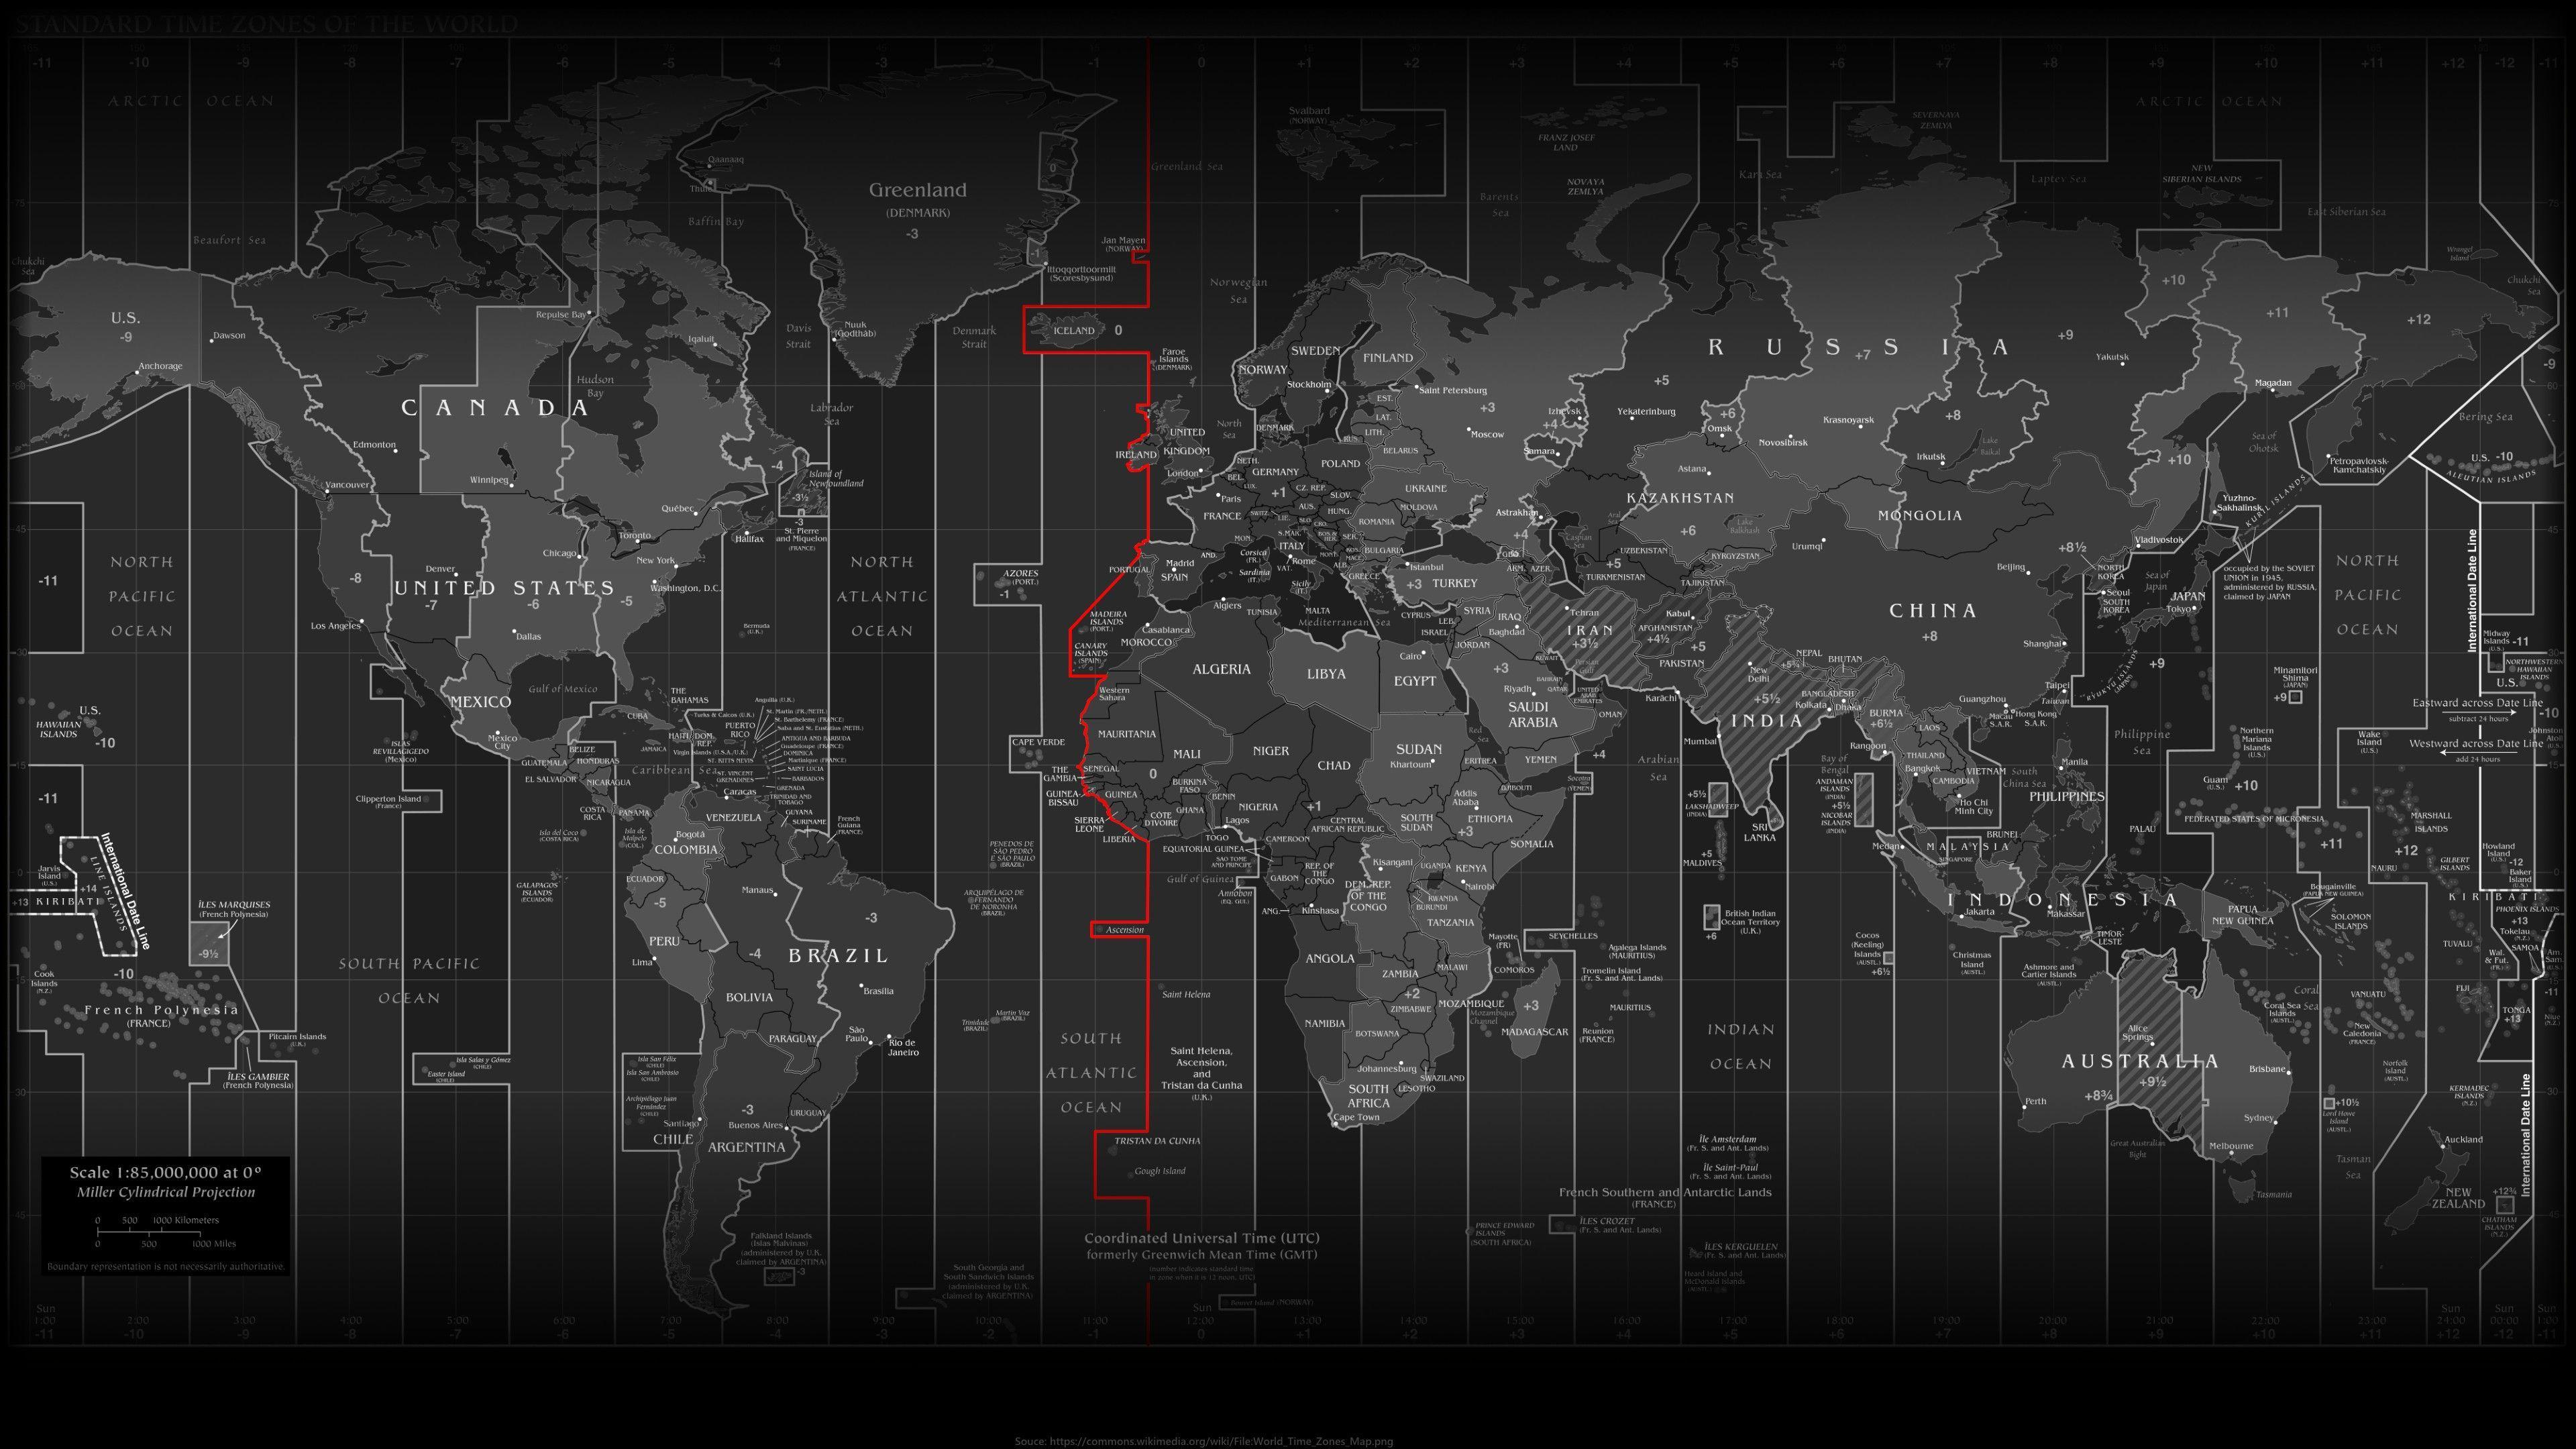 Hình nền múi giờ trên bản đồ thế giới 3840x2160 Tải xuống hình nền đẹp nhất trong số 3840x2160 Giờ thế giới